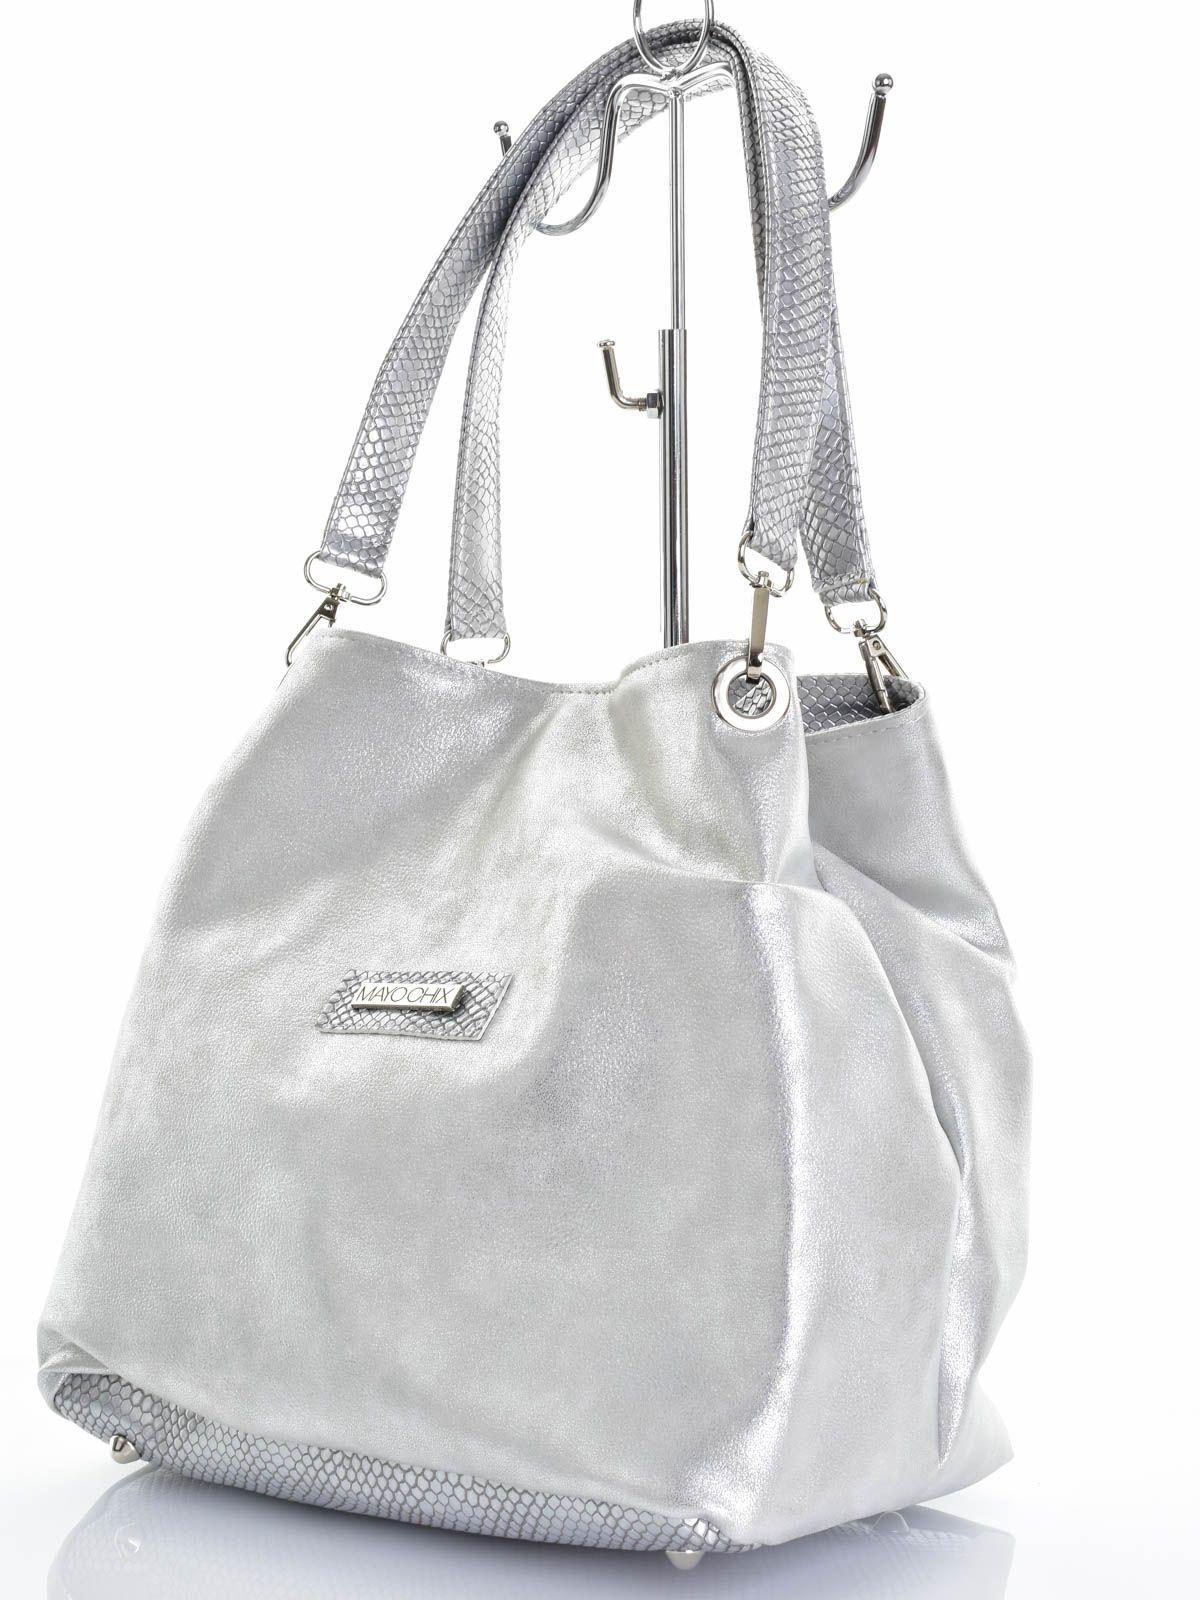 12d49188d410 Mayo Chix női táska LERICI | Markasbolt.hu Hivatalos Mayo Chix ...